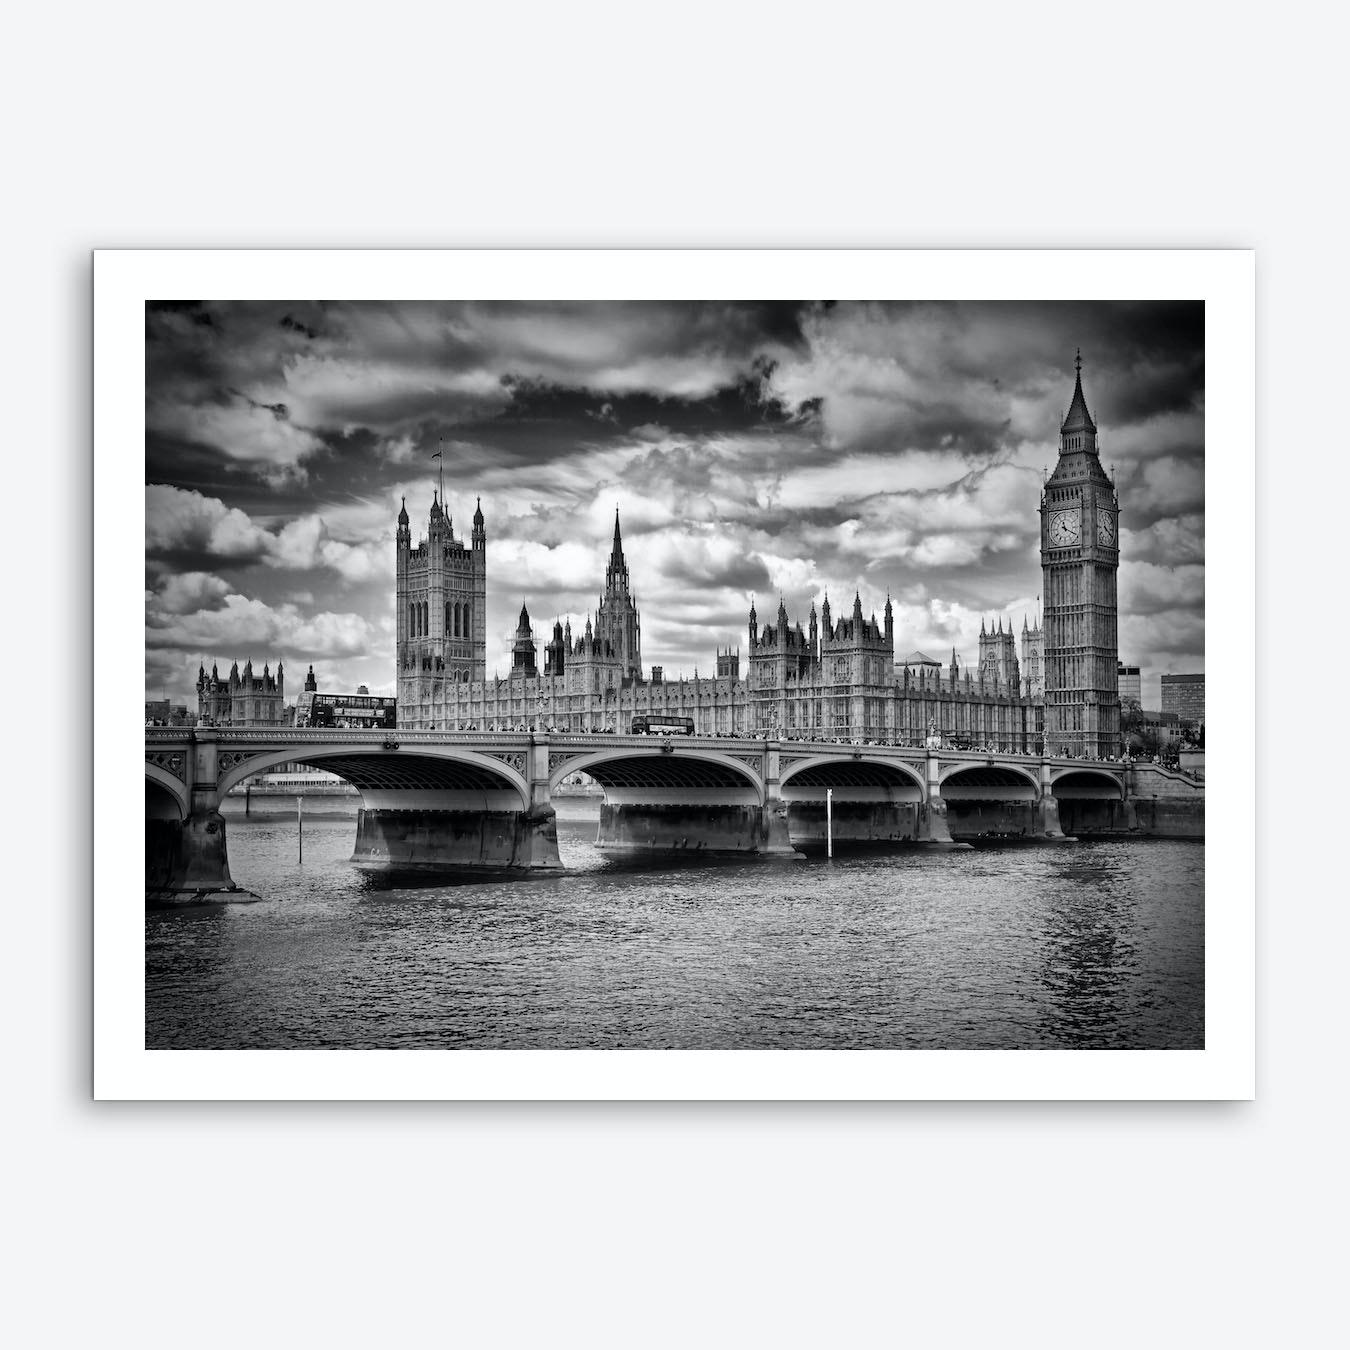 London houses of parliament westminster bridge art print by melanie viola